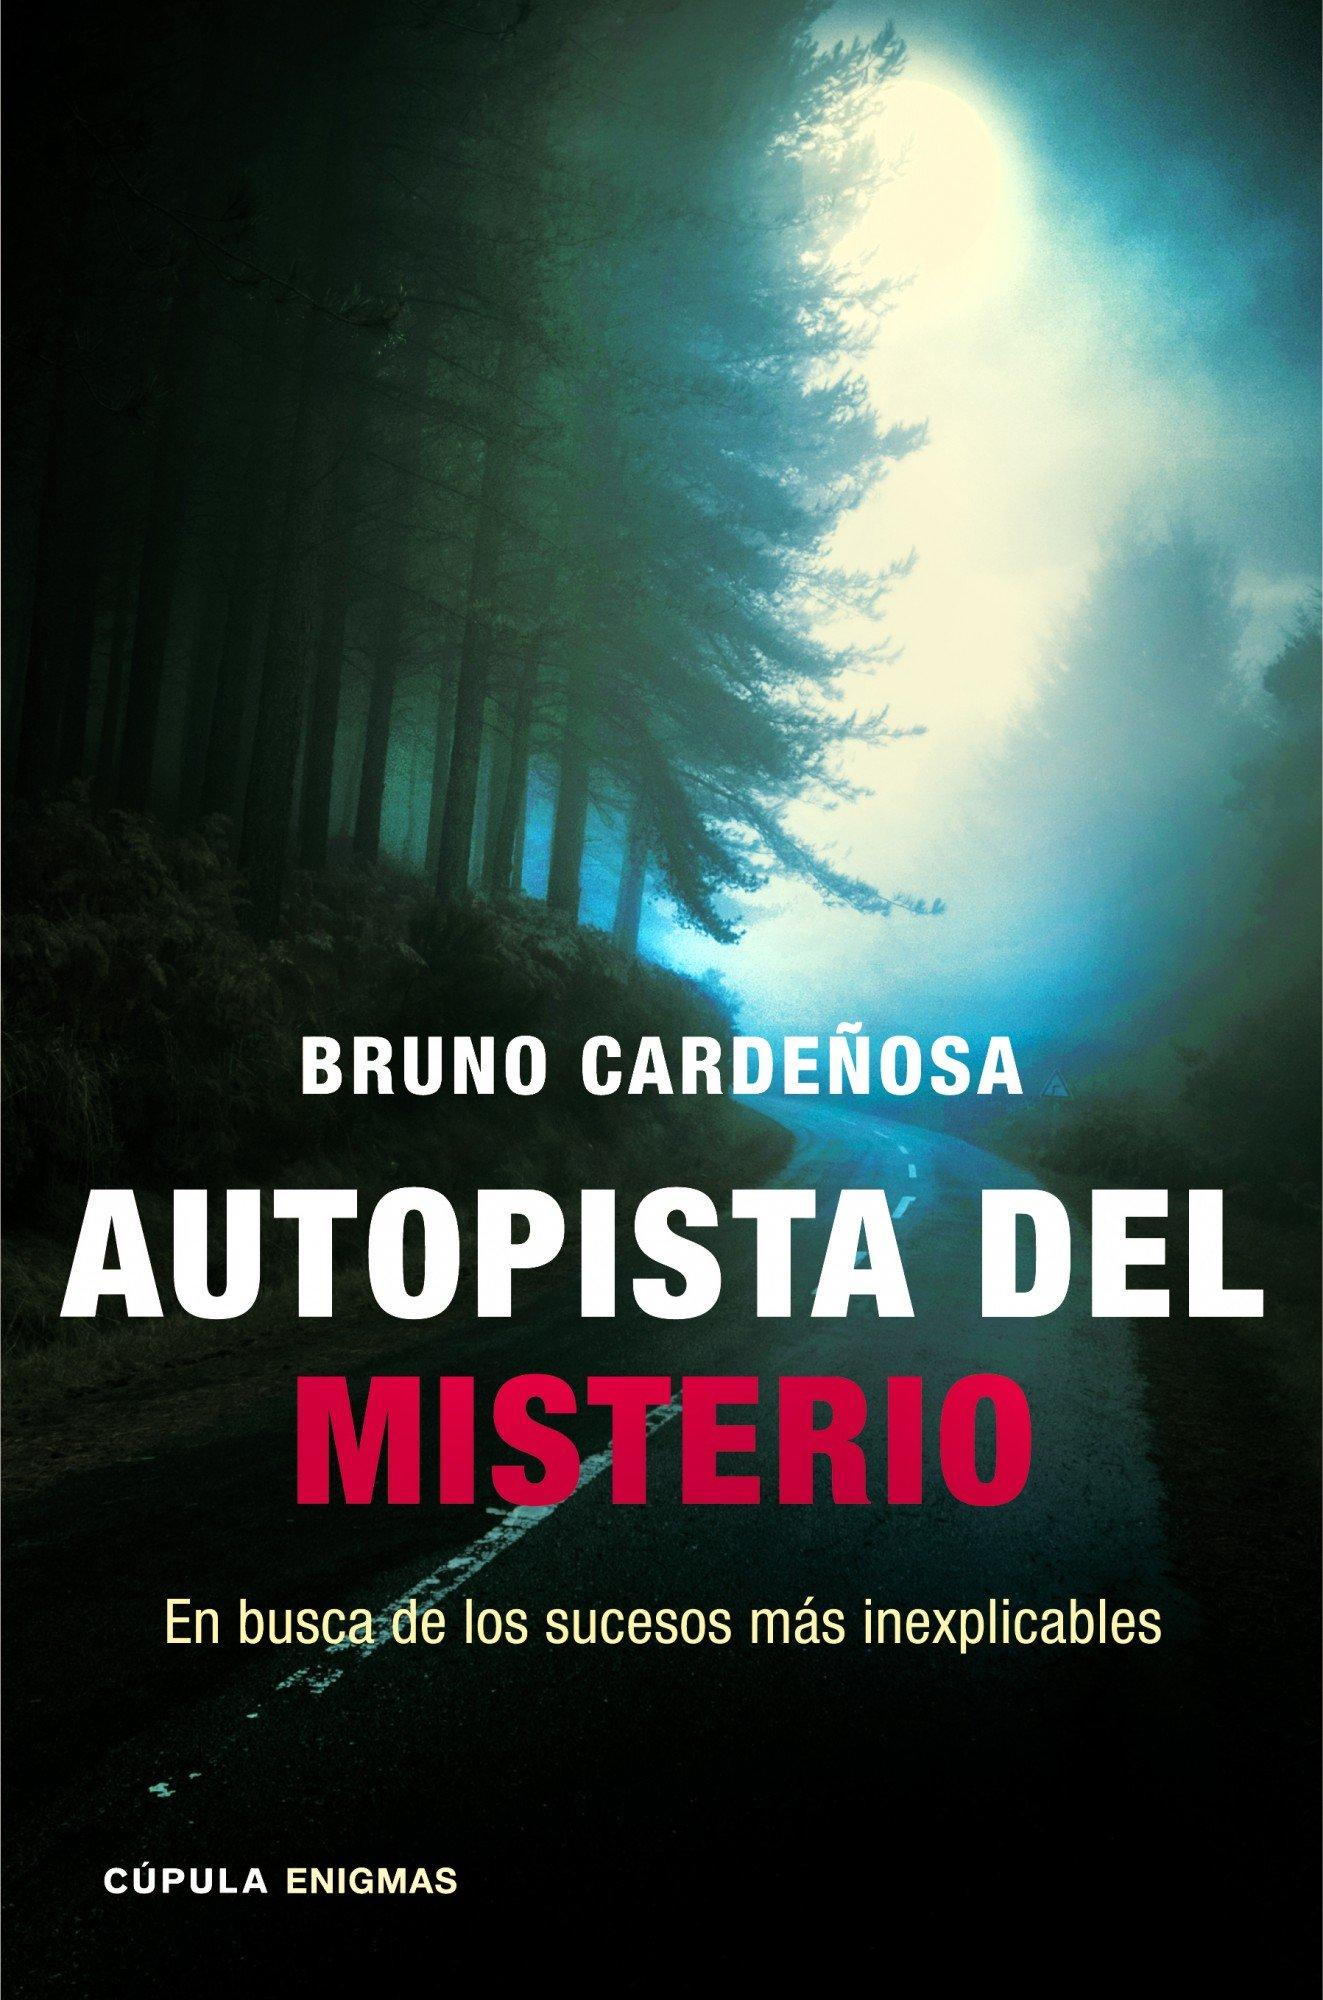 Autopista del misterio: En busca de los sucesos más inexplicables Enigmas Y Conspiraciones: Amazon.es: Cardeñosa, Bruno: Libros